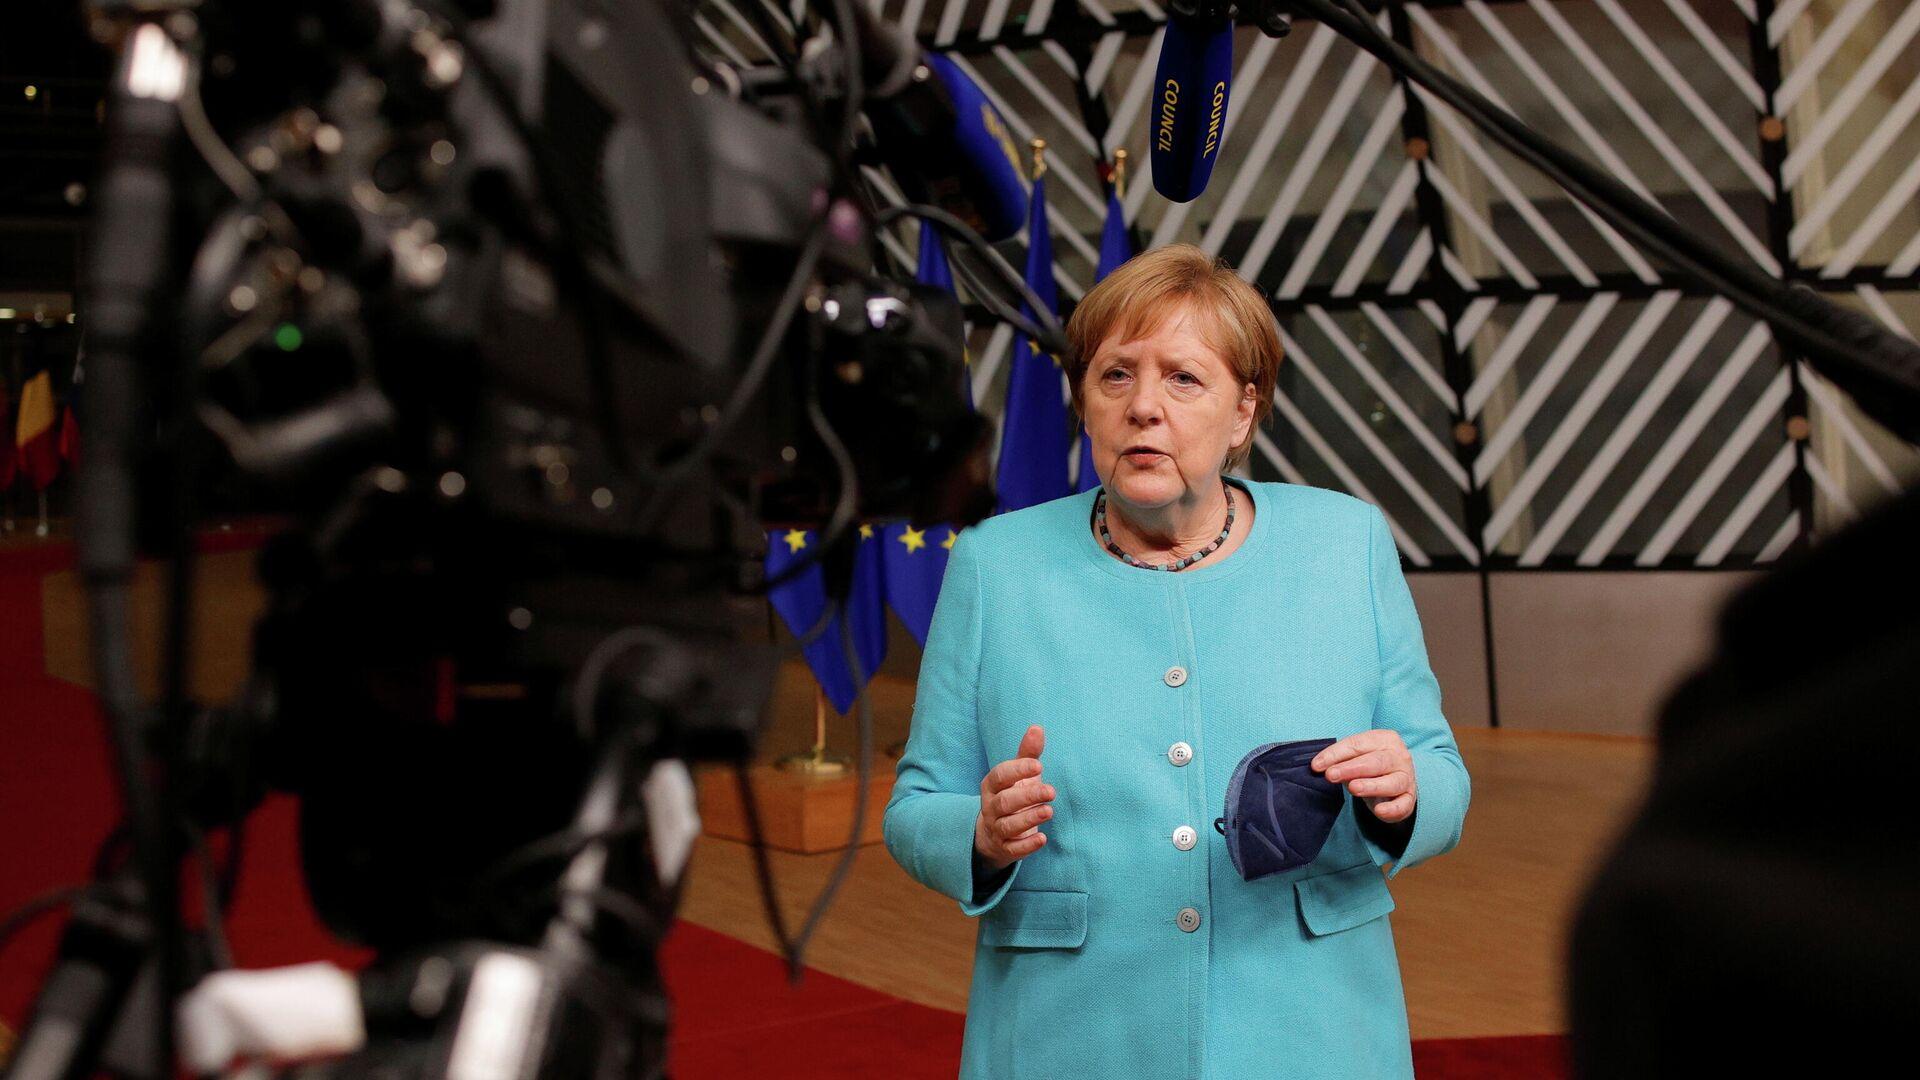 Канцлер Германии Ангела Меркель делает заявление в конце первого дня встречи лидеров Европейского Союза в Брюсселе - РИА Новости, 1920, 25.06.2021